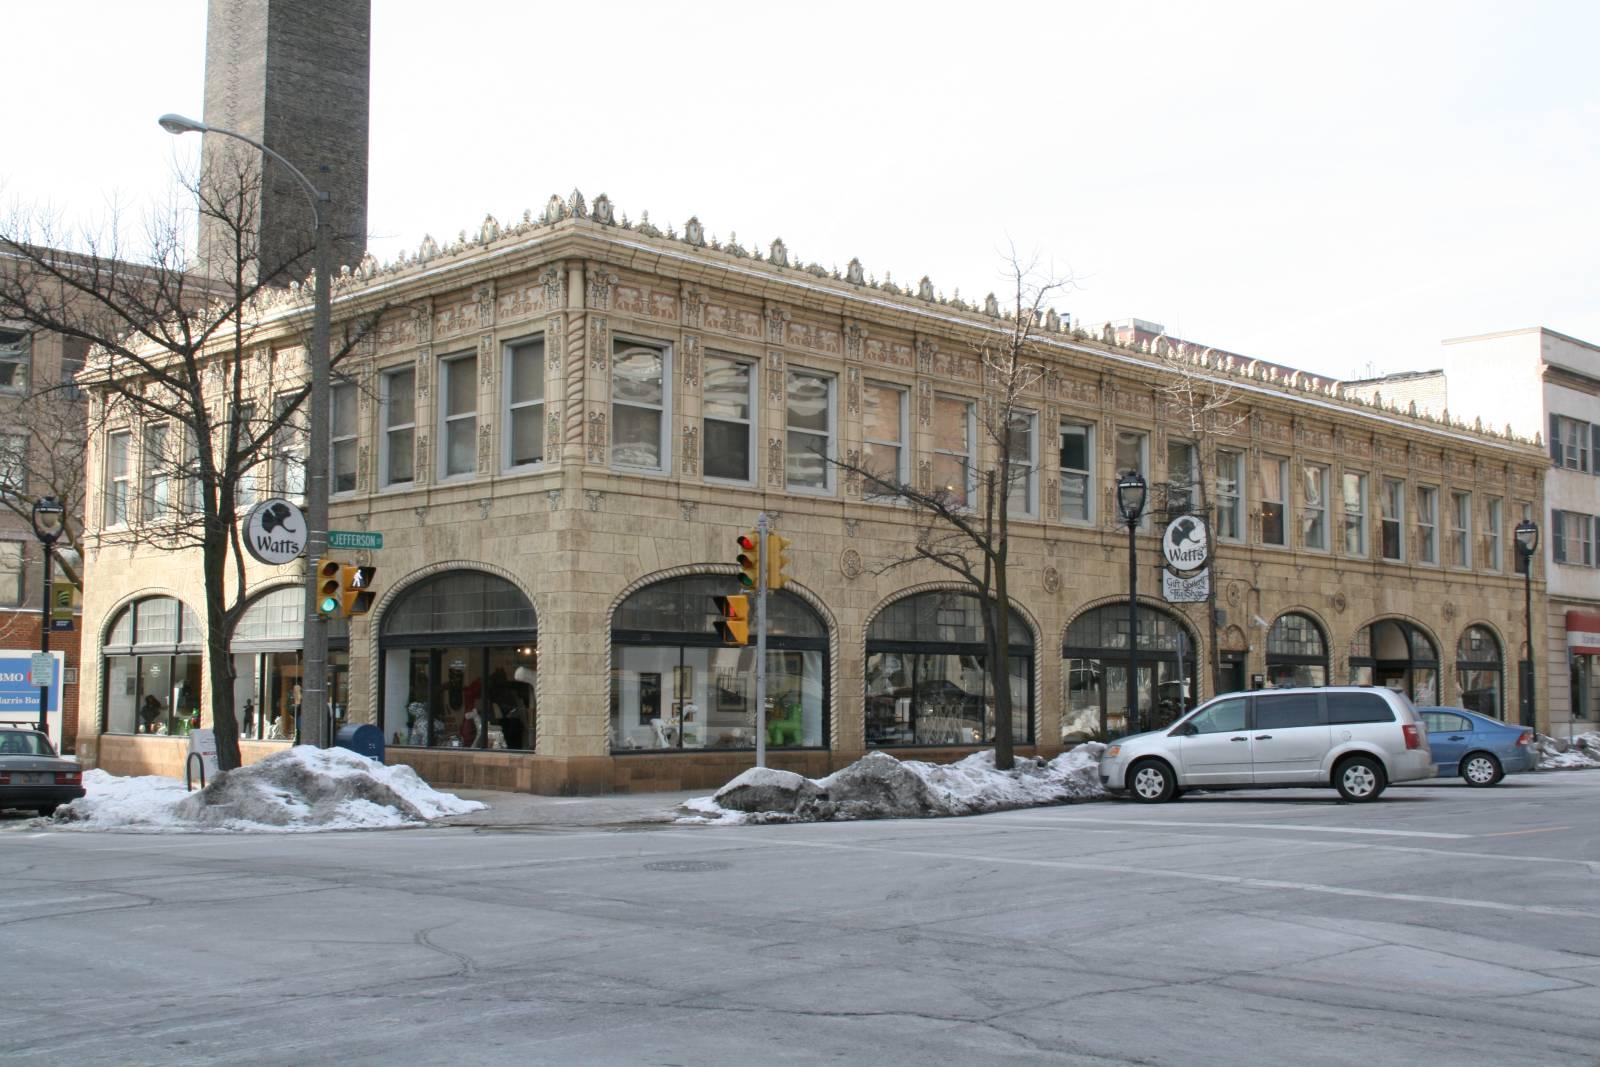 George Watts Tea Shop